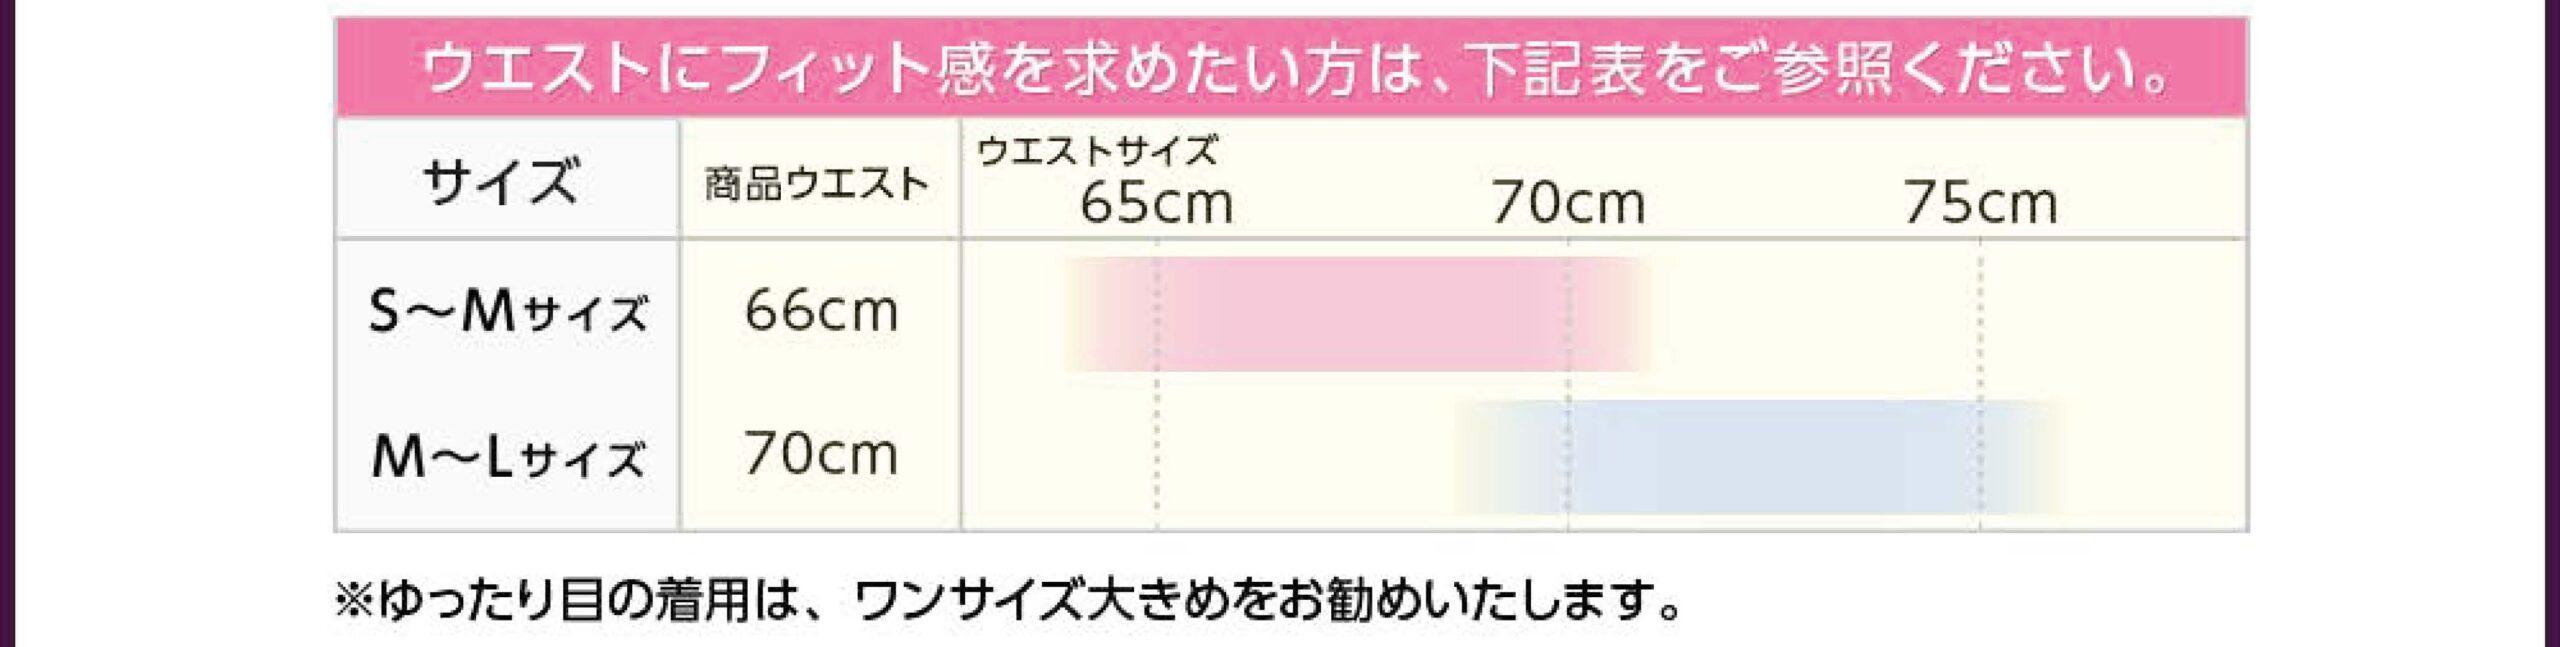 ウエストサイズ表